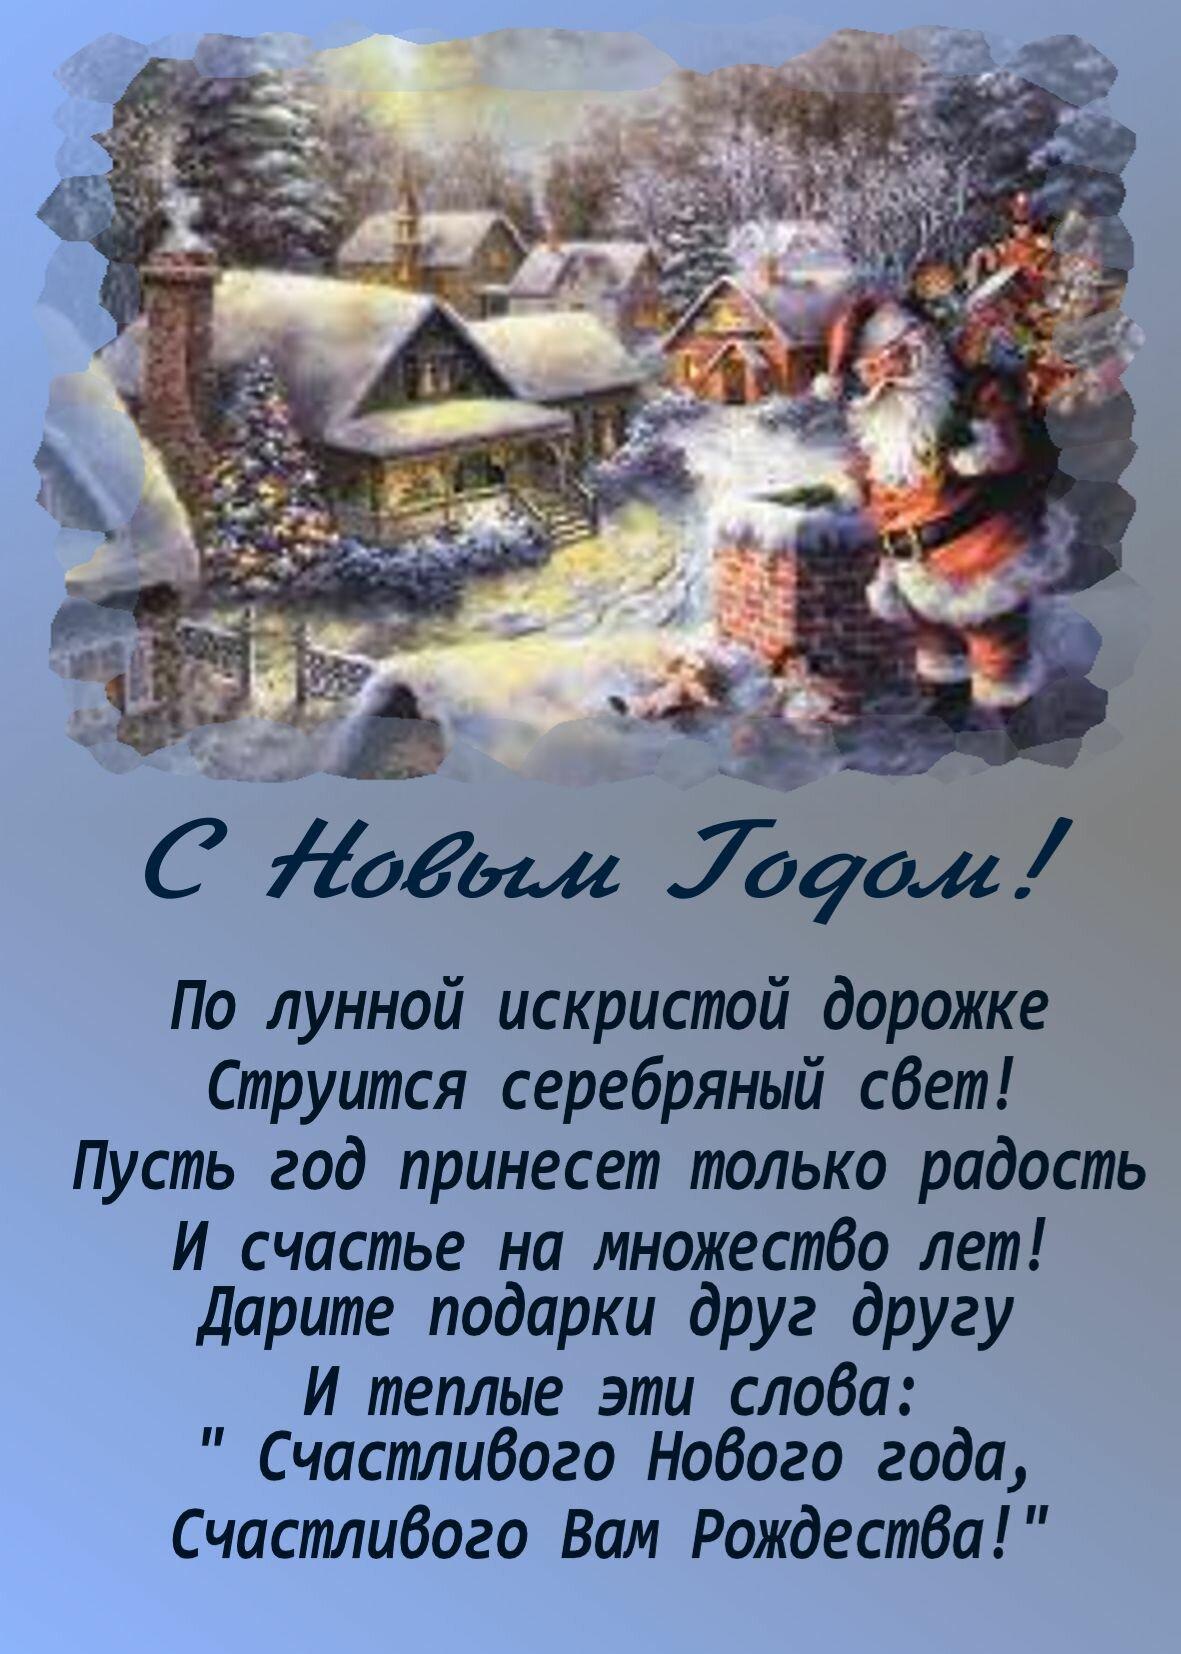 Текст для открытки на новый год короткий